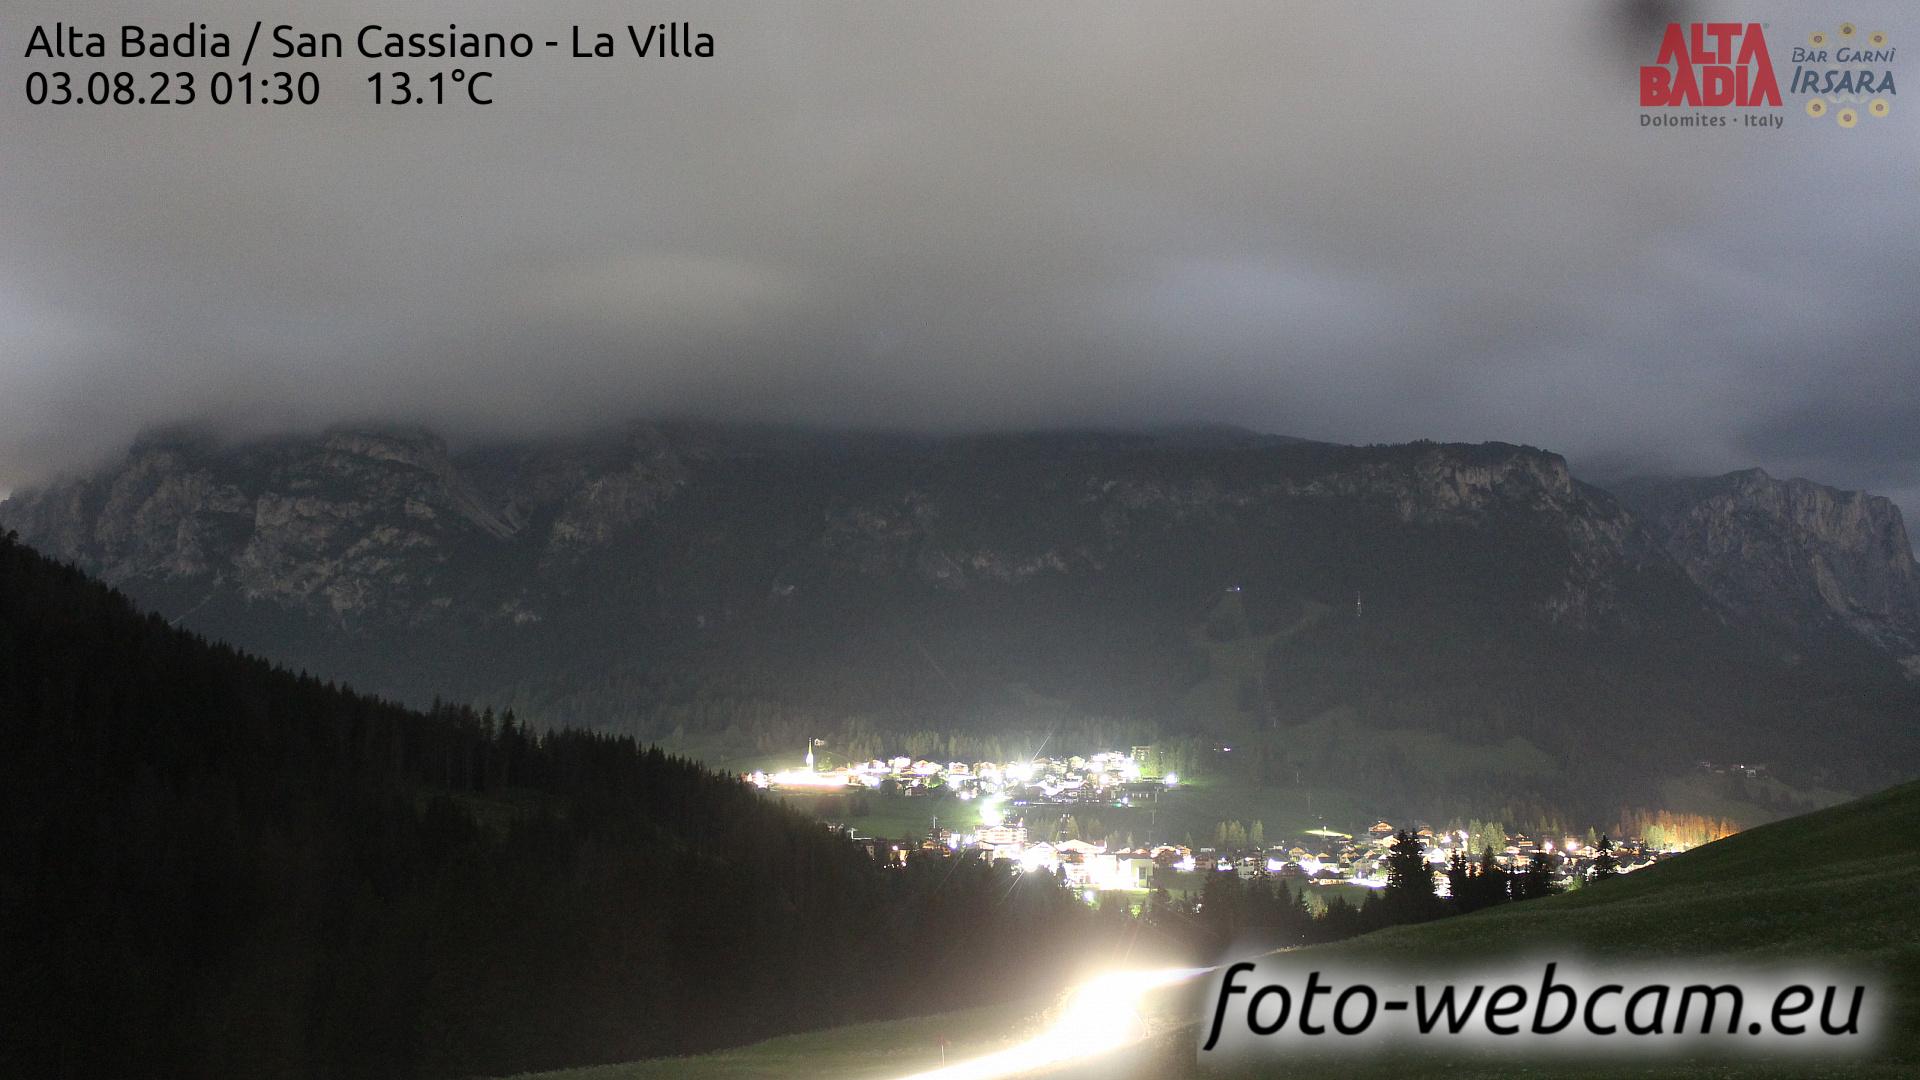 San Cassiano Mon. 02:04